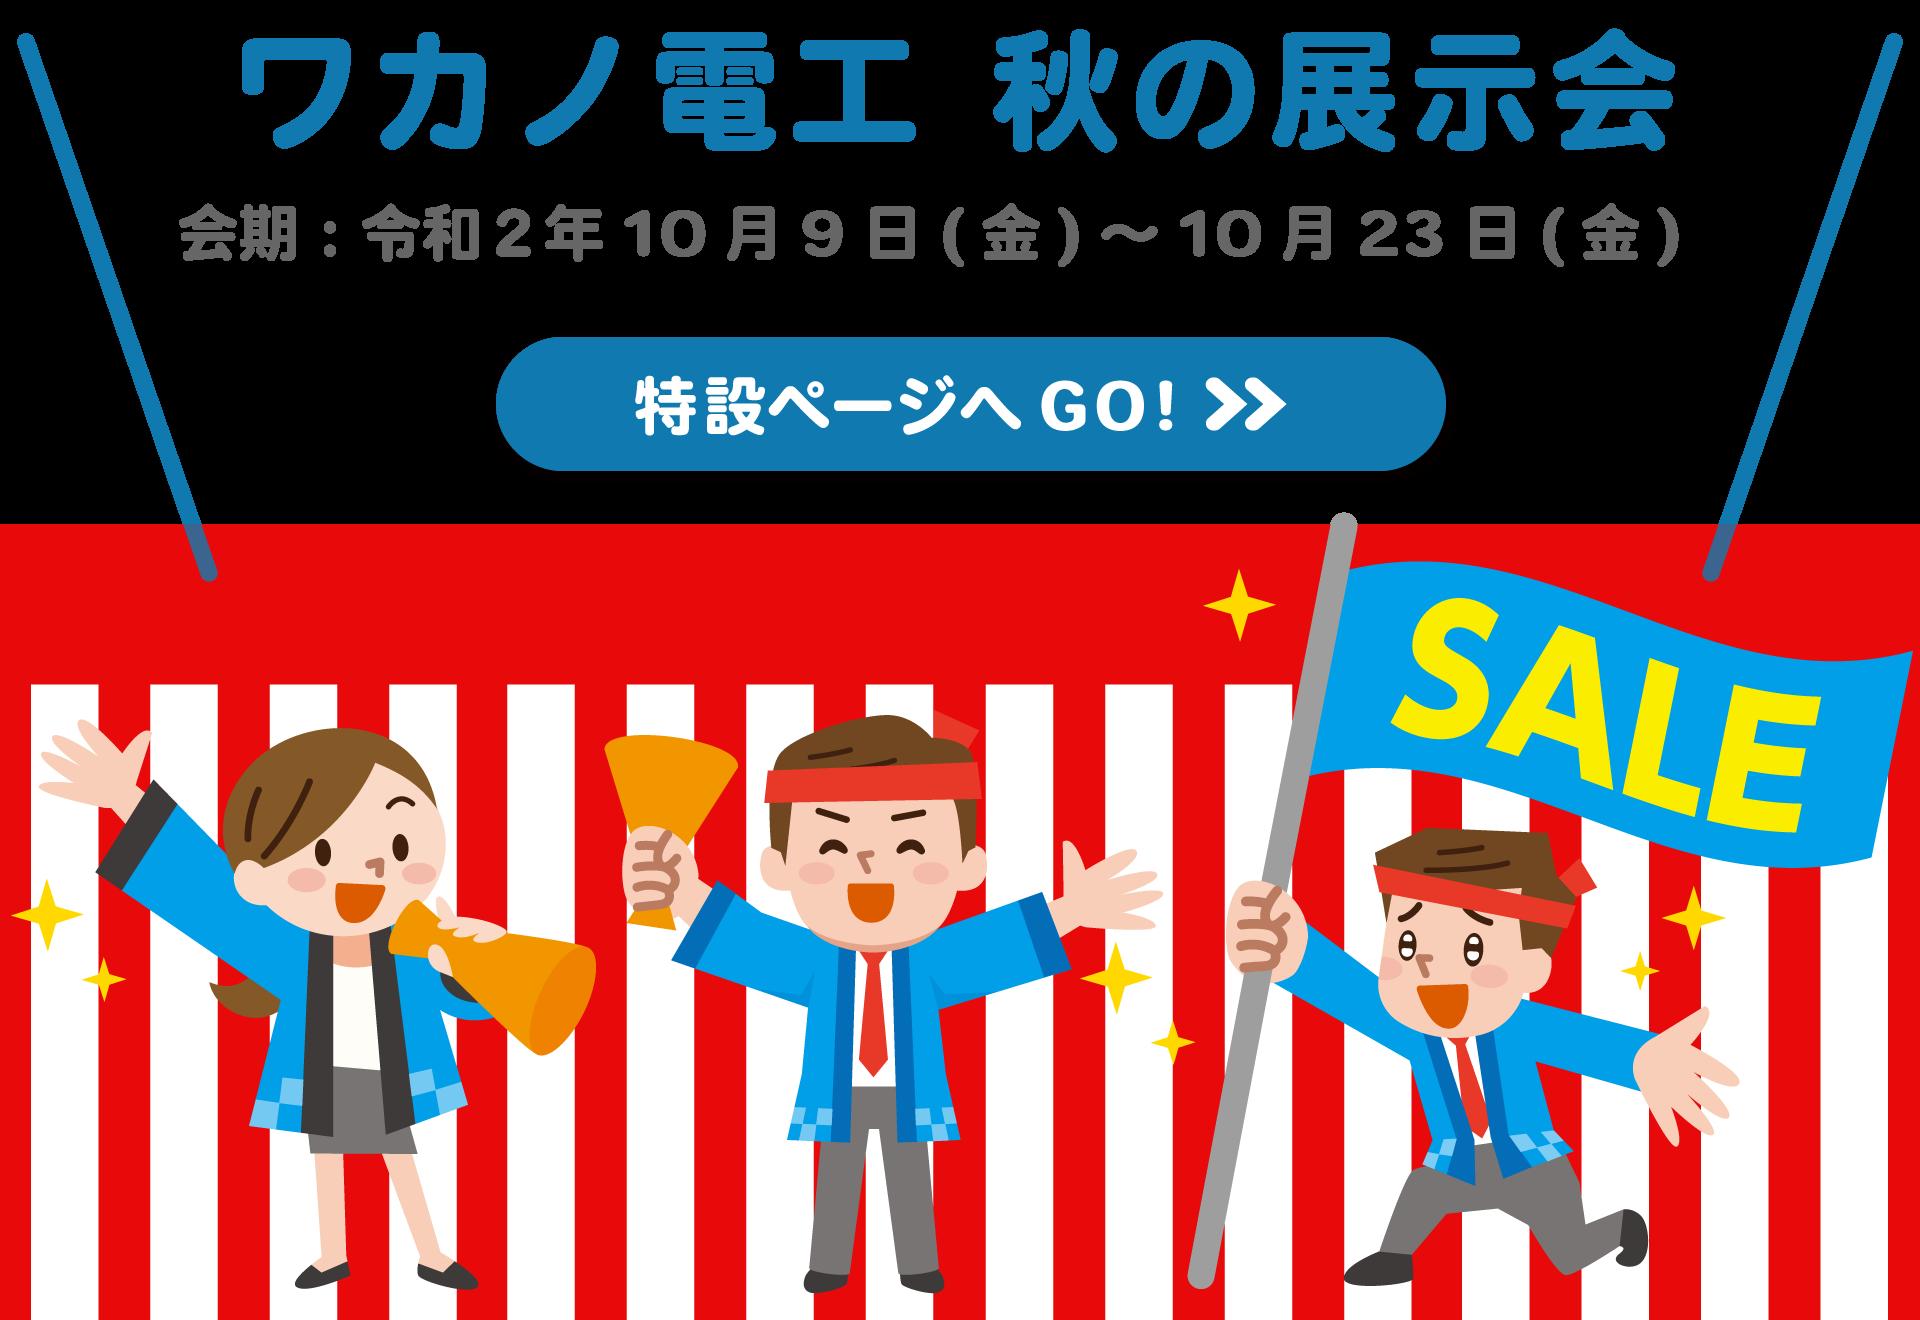 ワカノ電工 web展示会